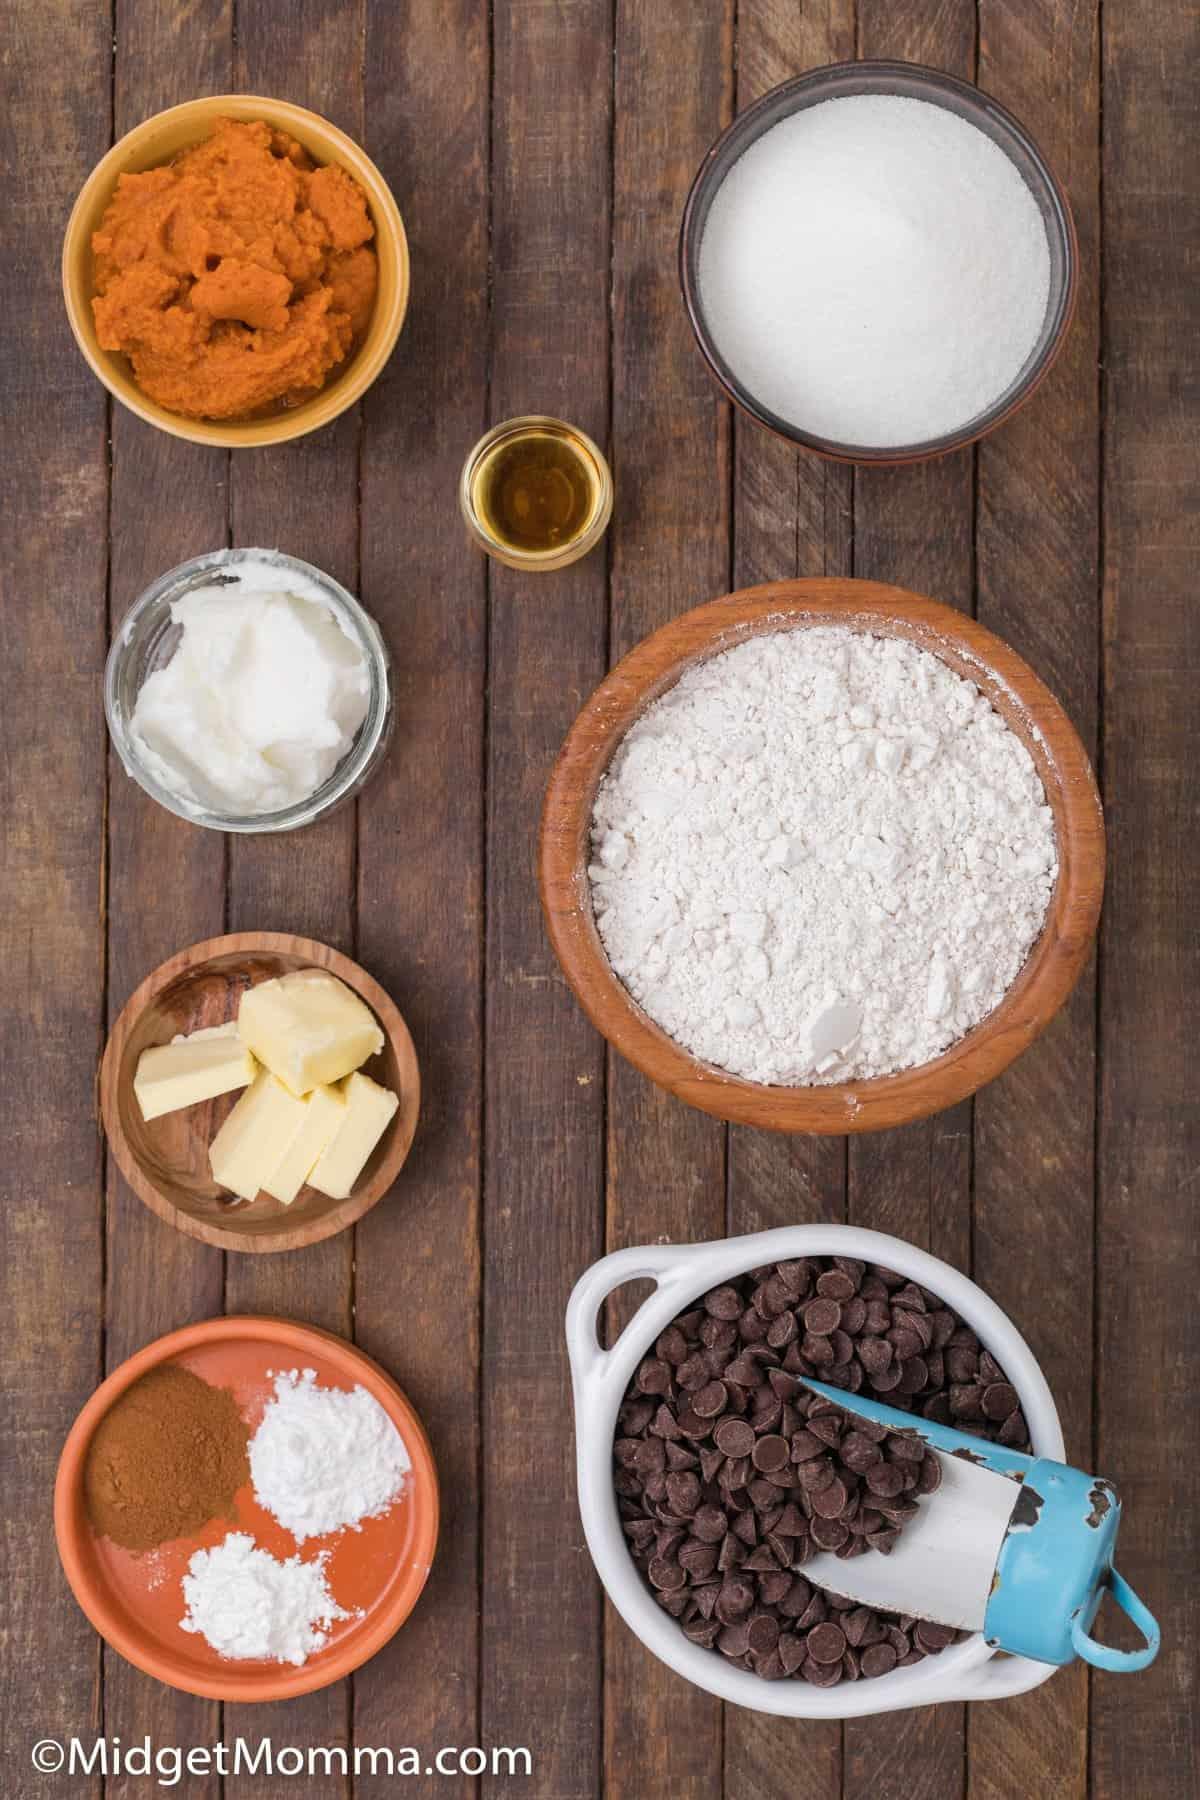 Pumpkin Chocolate Chip Cookies Recipe ingredients